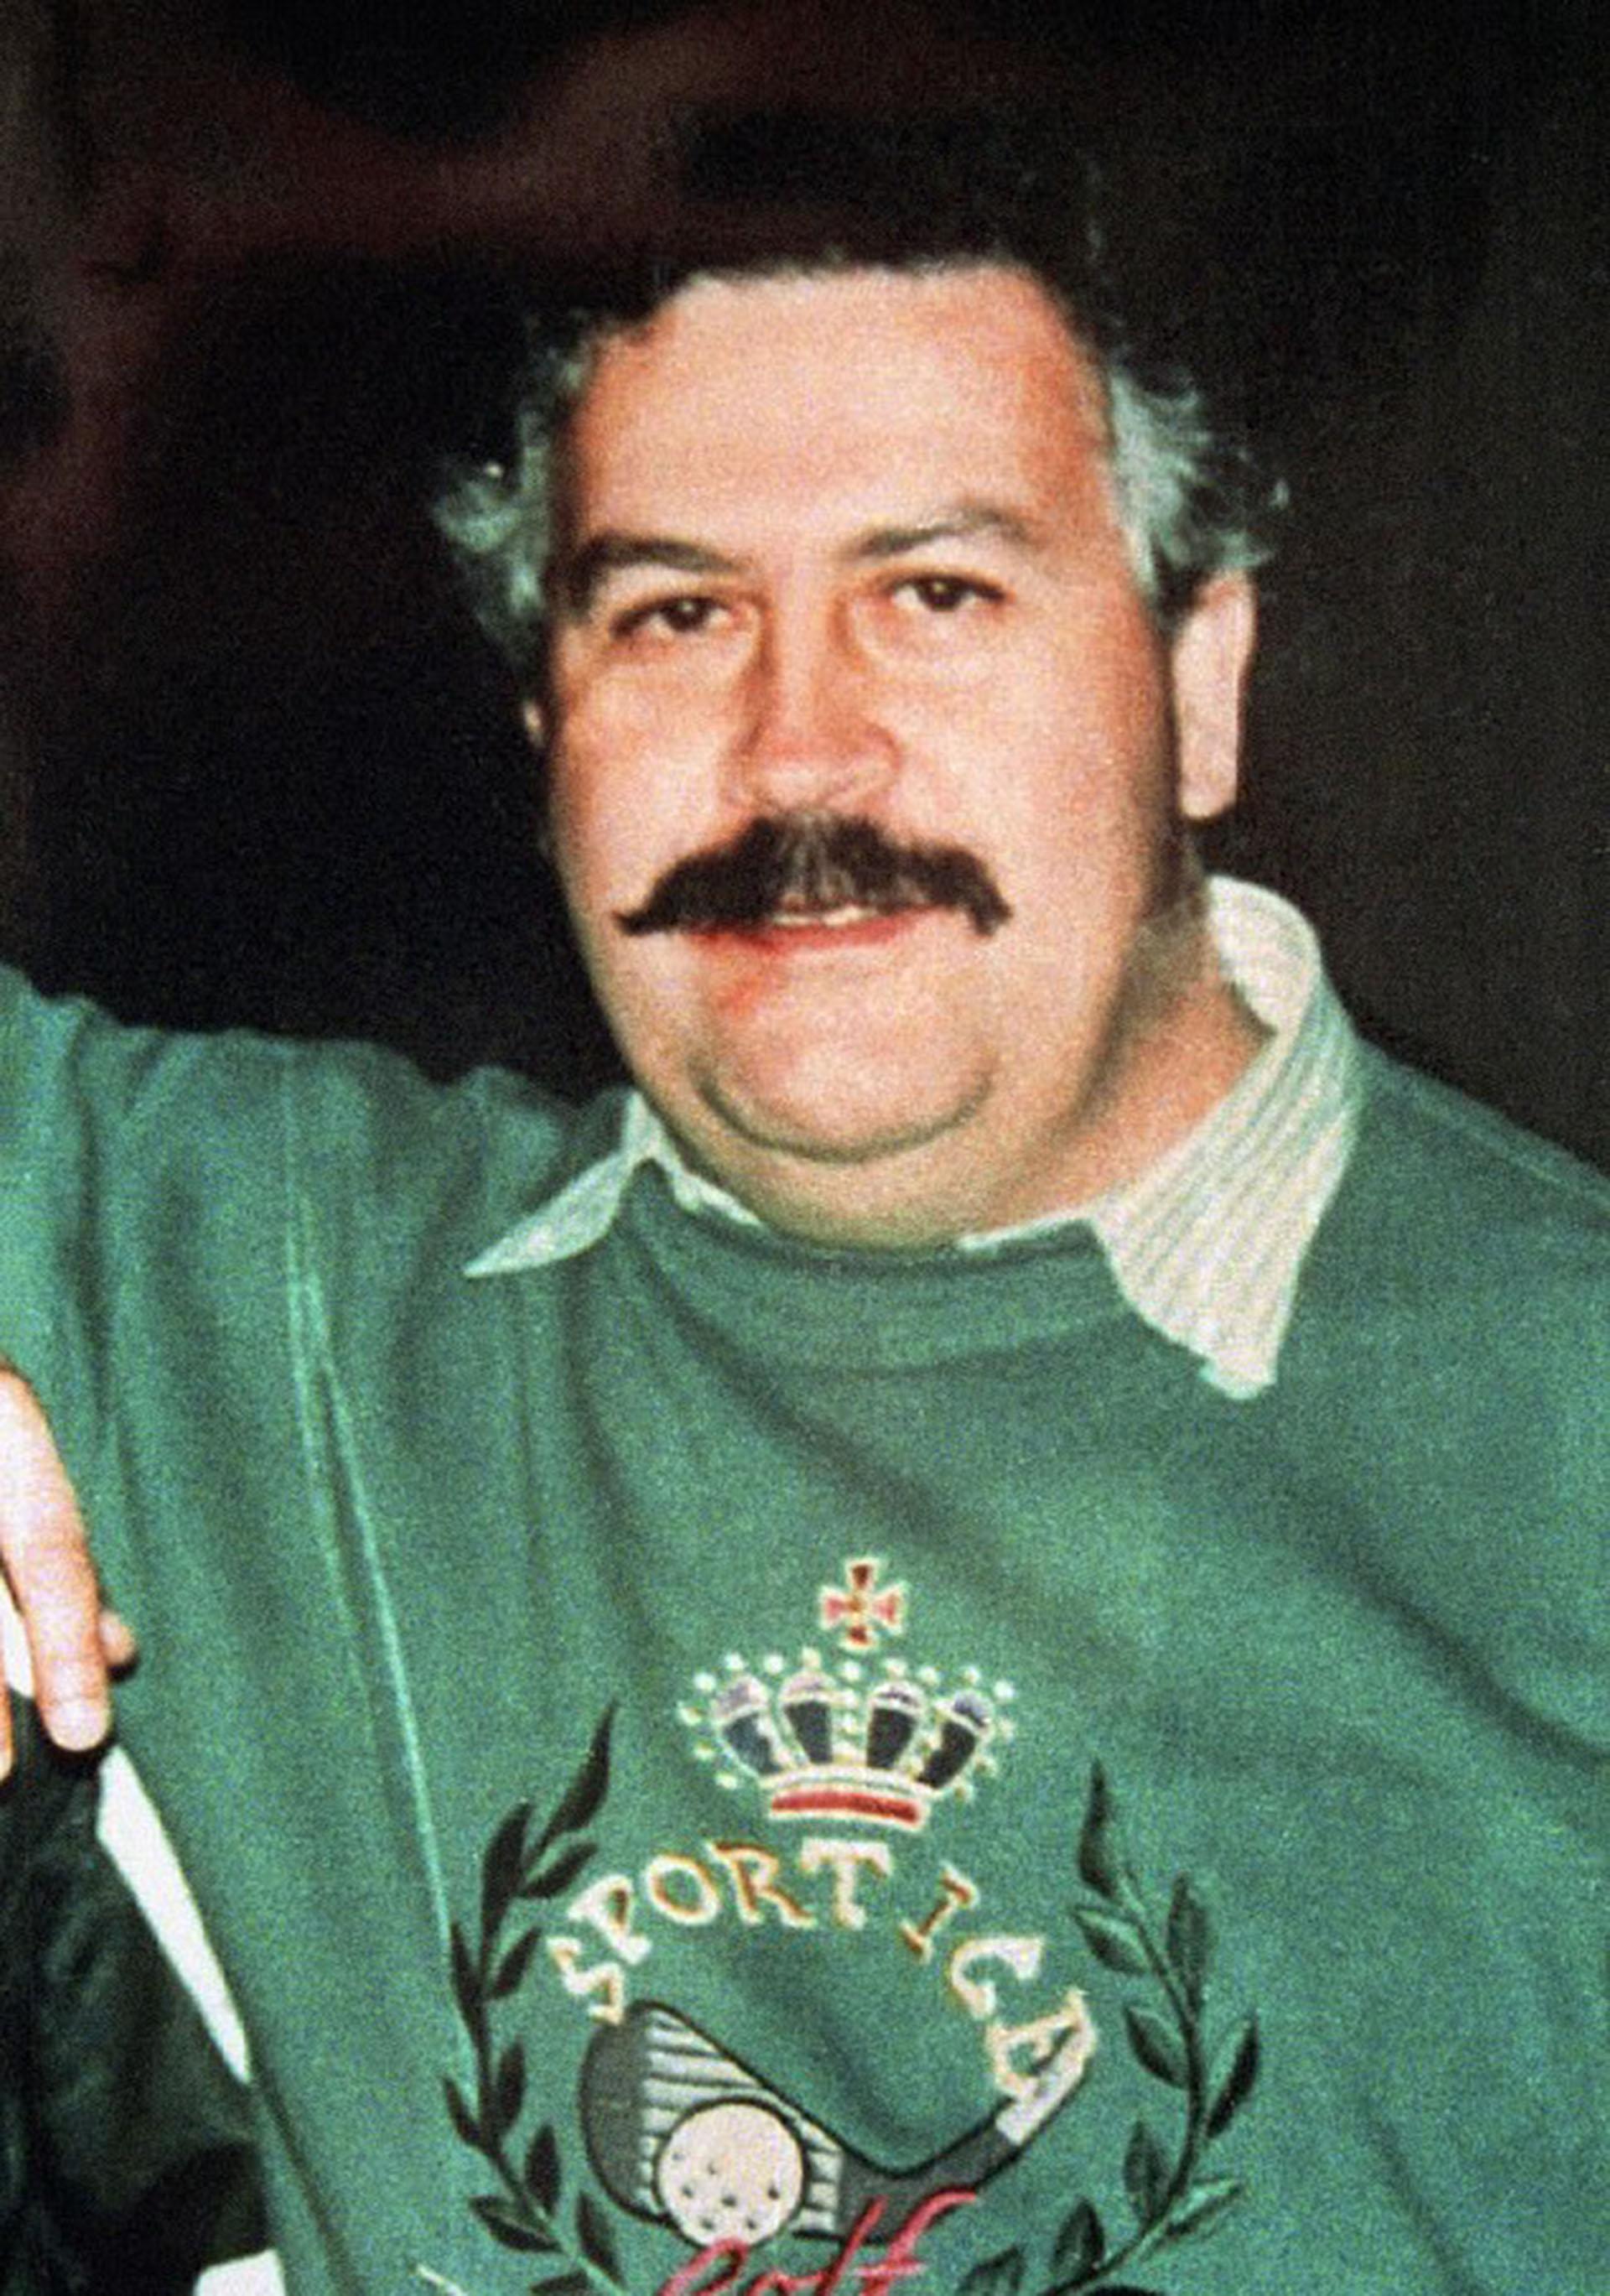 Pablo Escobar, como líder del cartel de Medellín, provocó la muerte demás de 46 mil personas en todo el país. (AP)